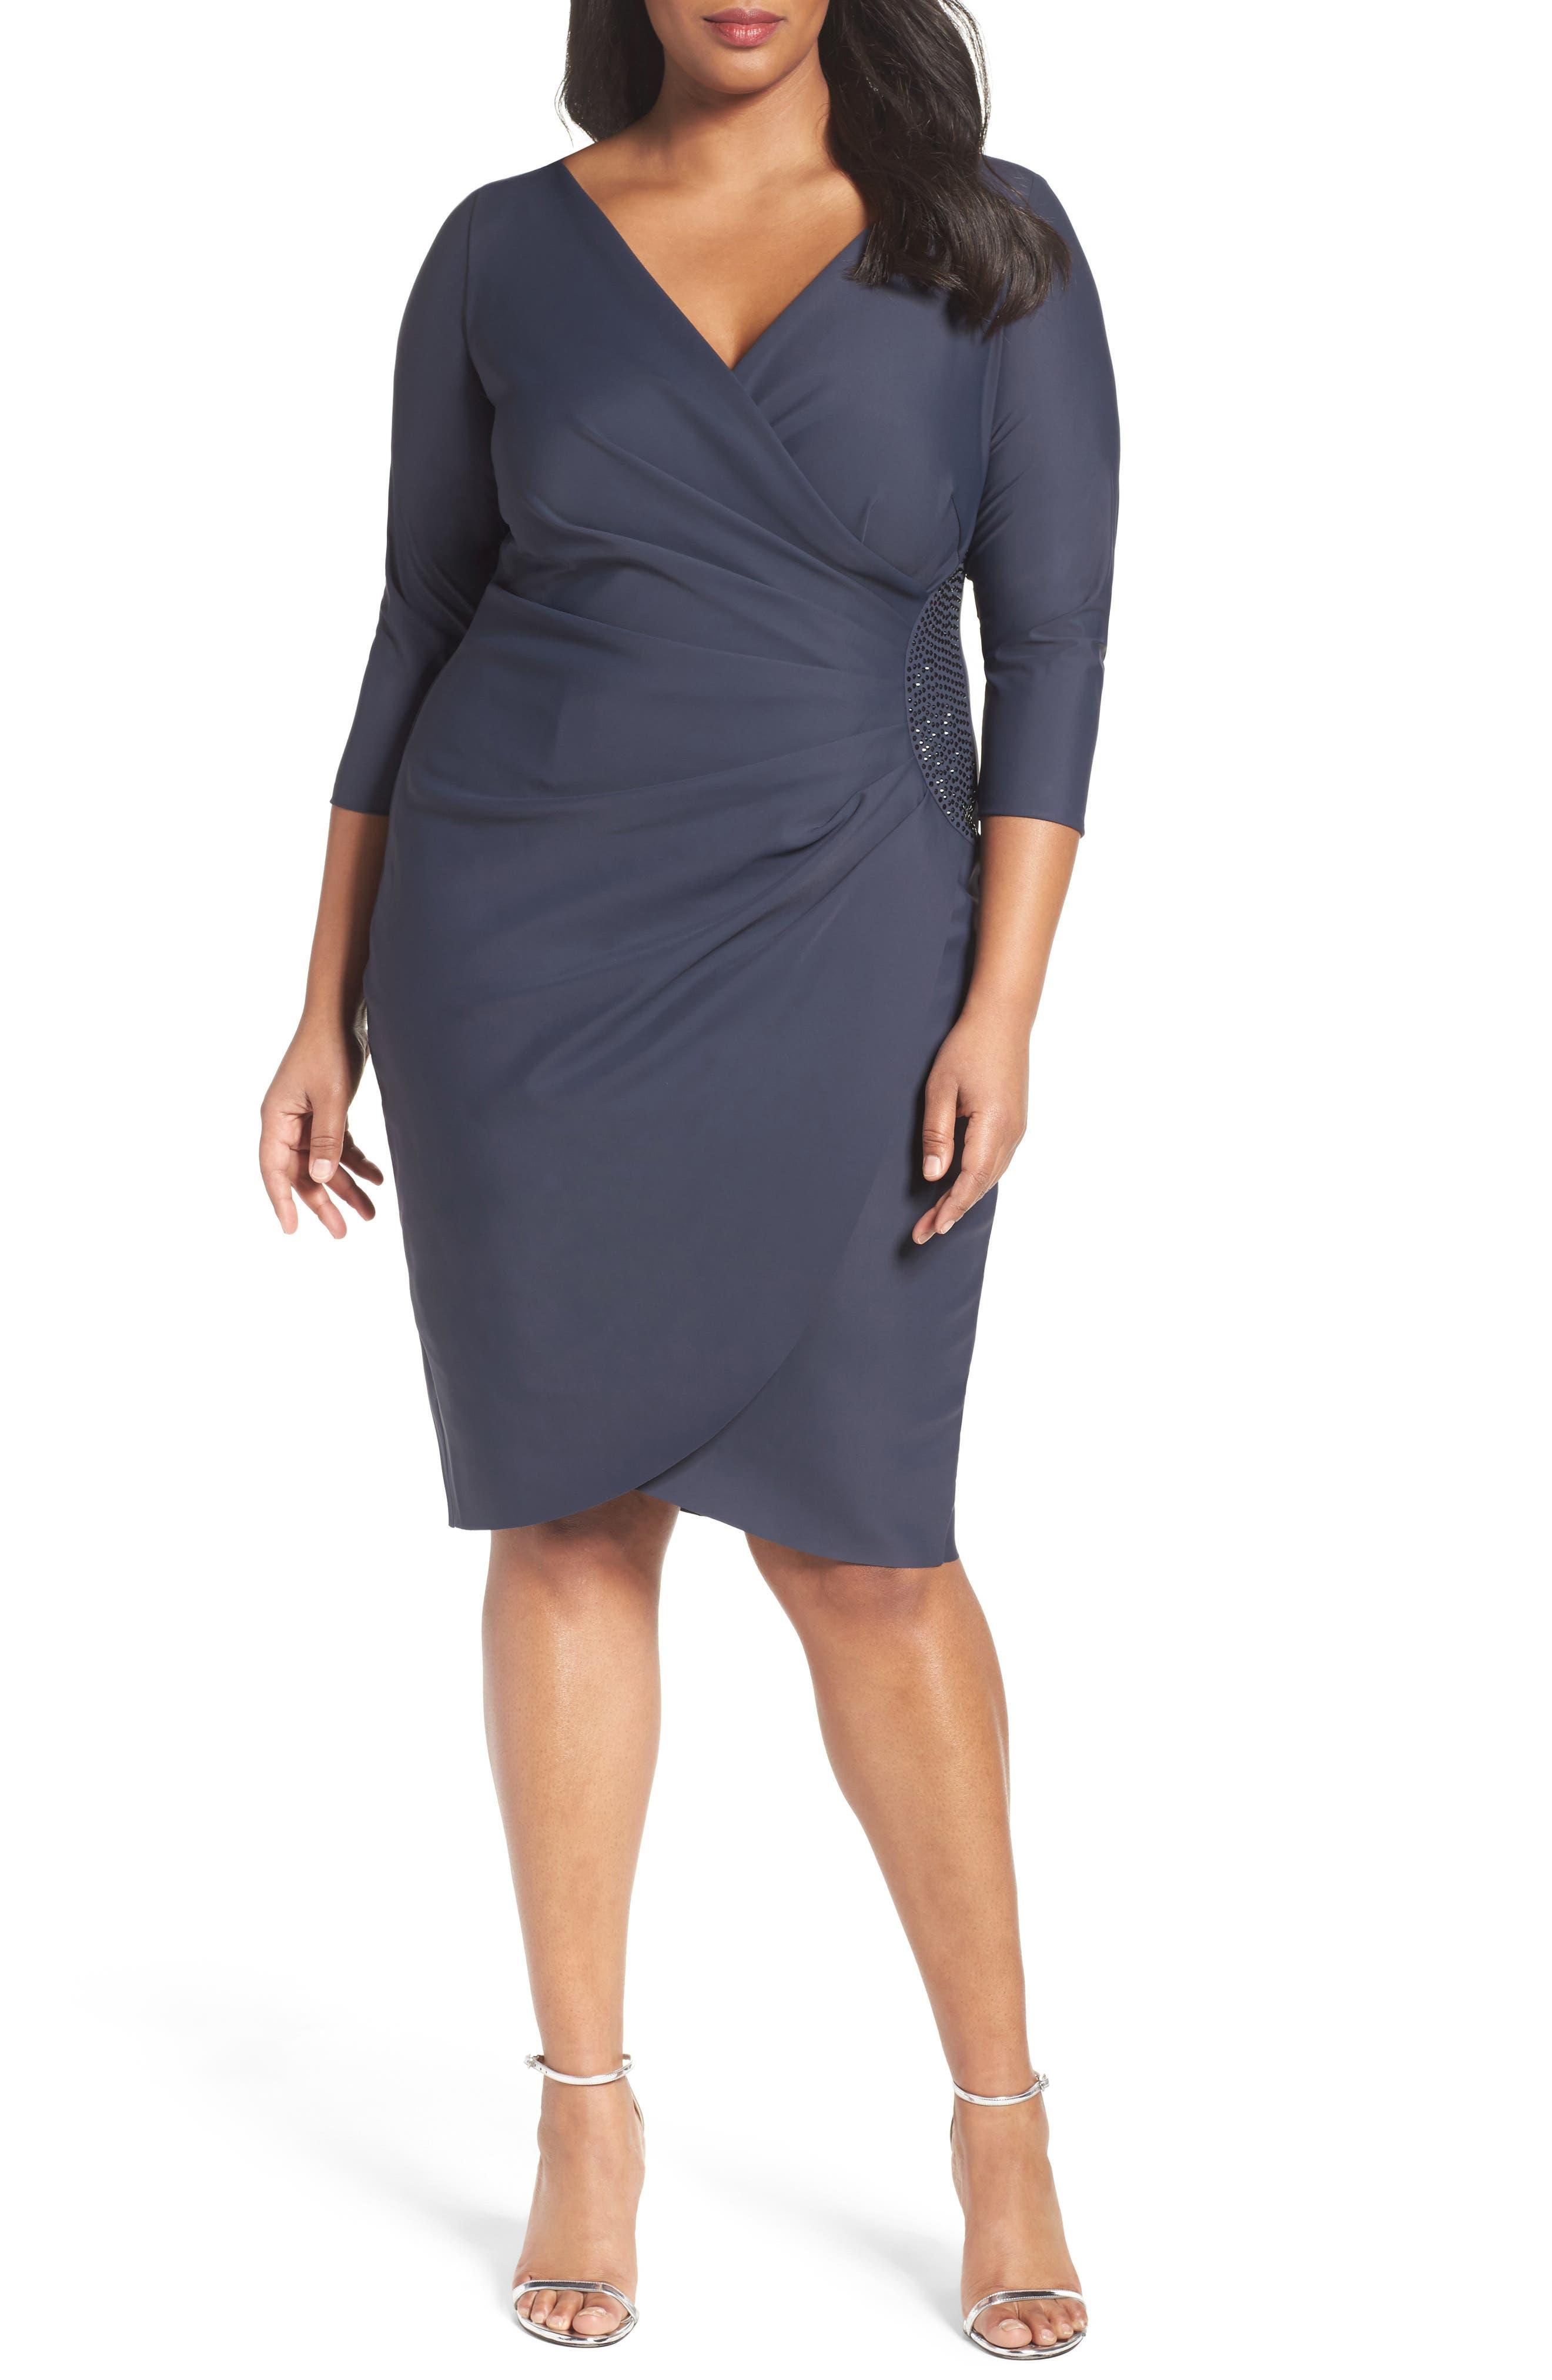 ALEX EVENINGS Embellished Side Ruched Cocktail Dress